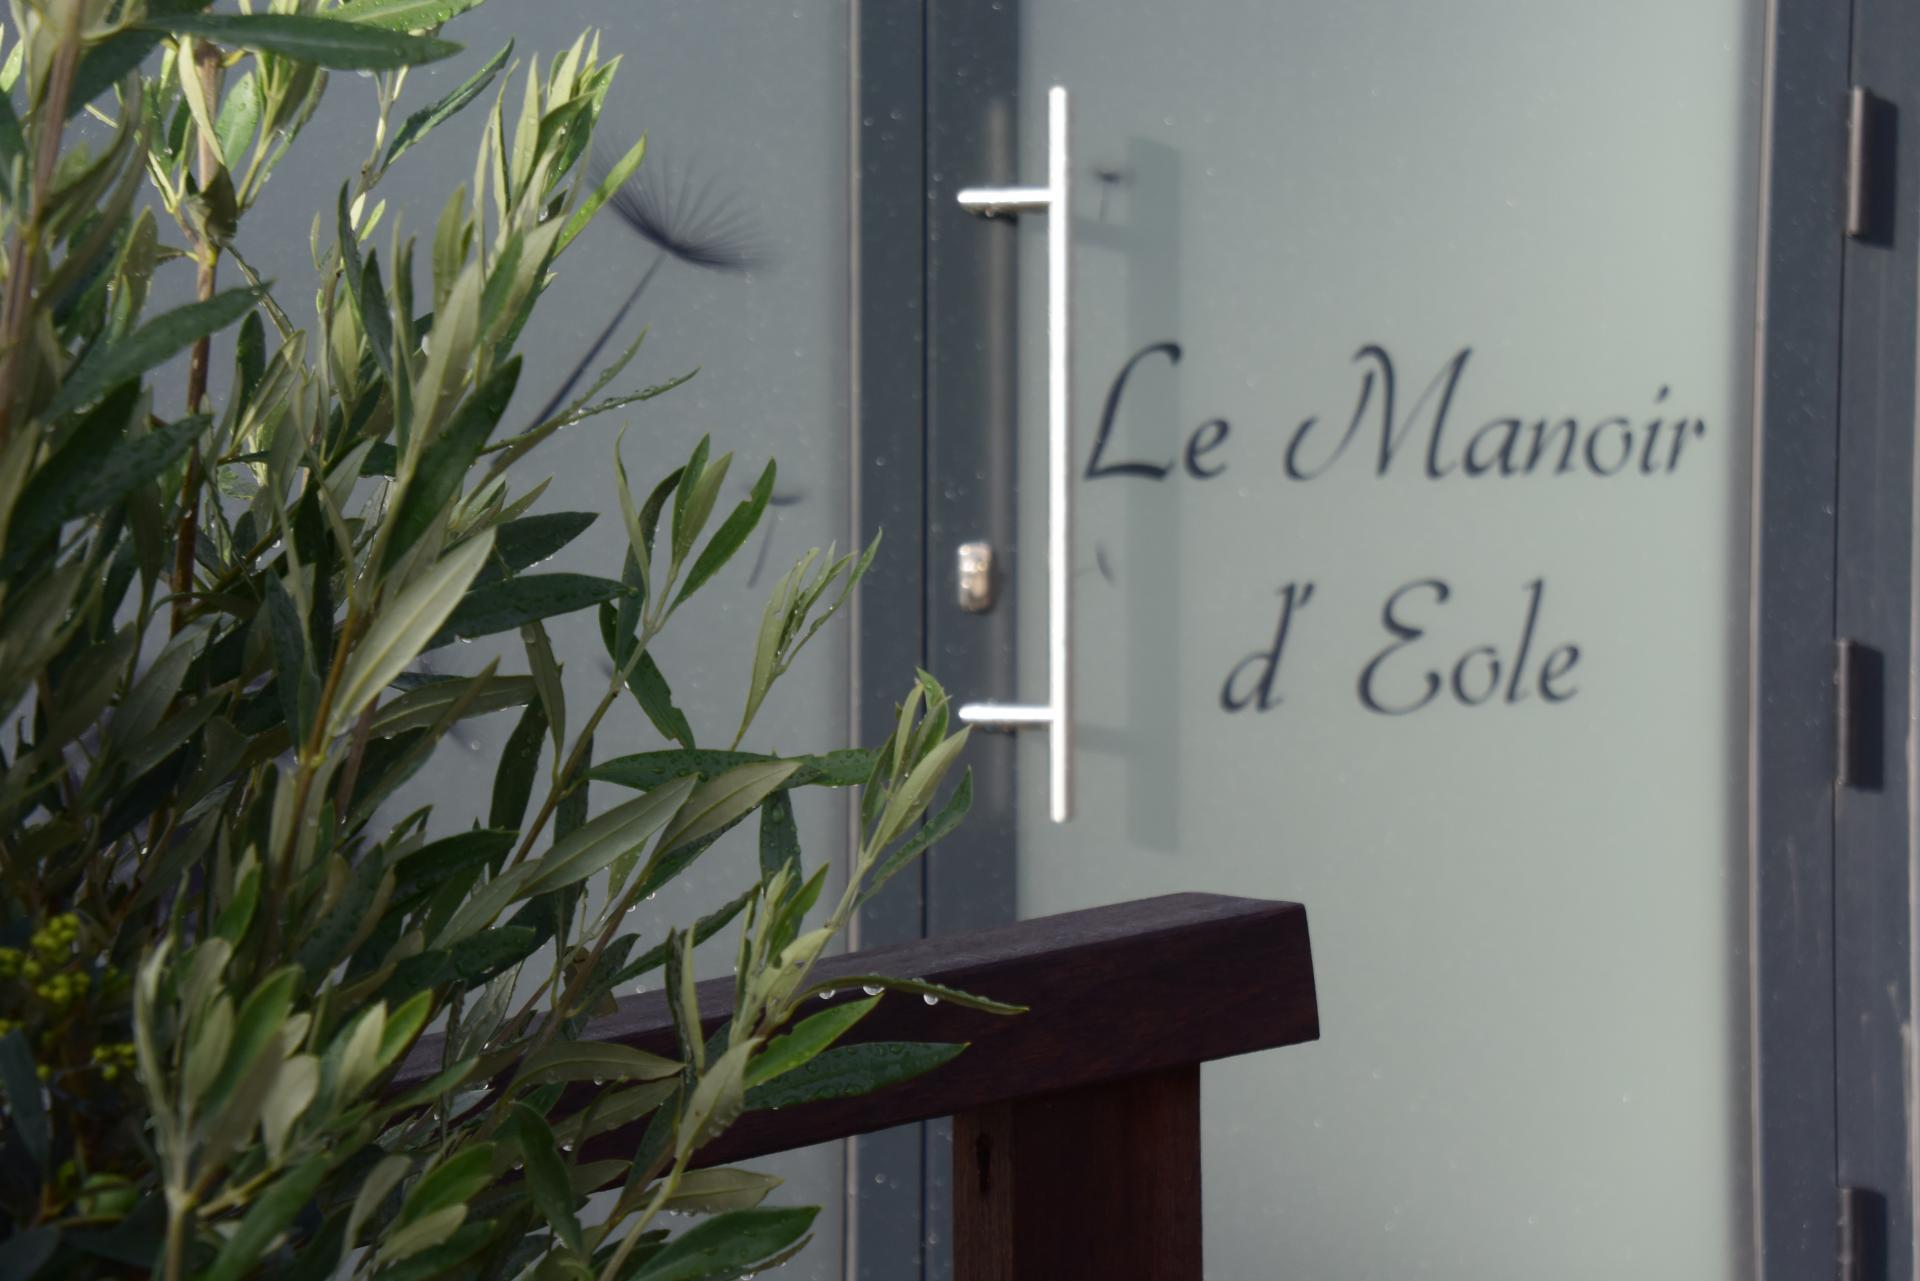 Le Manoir d'Eole